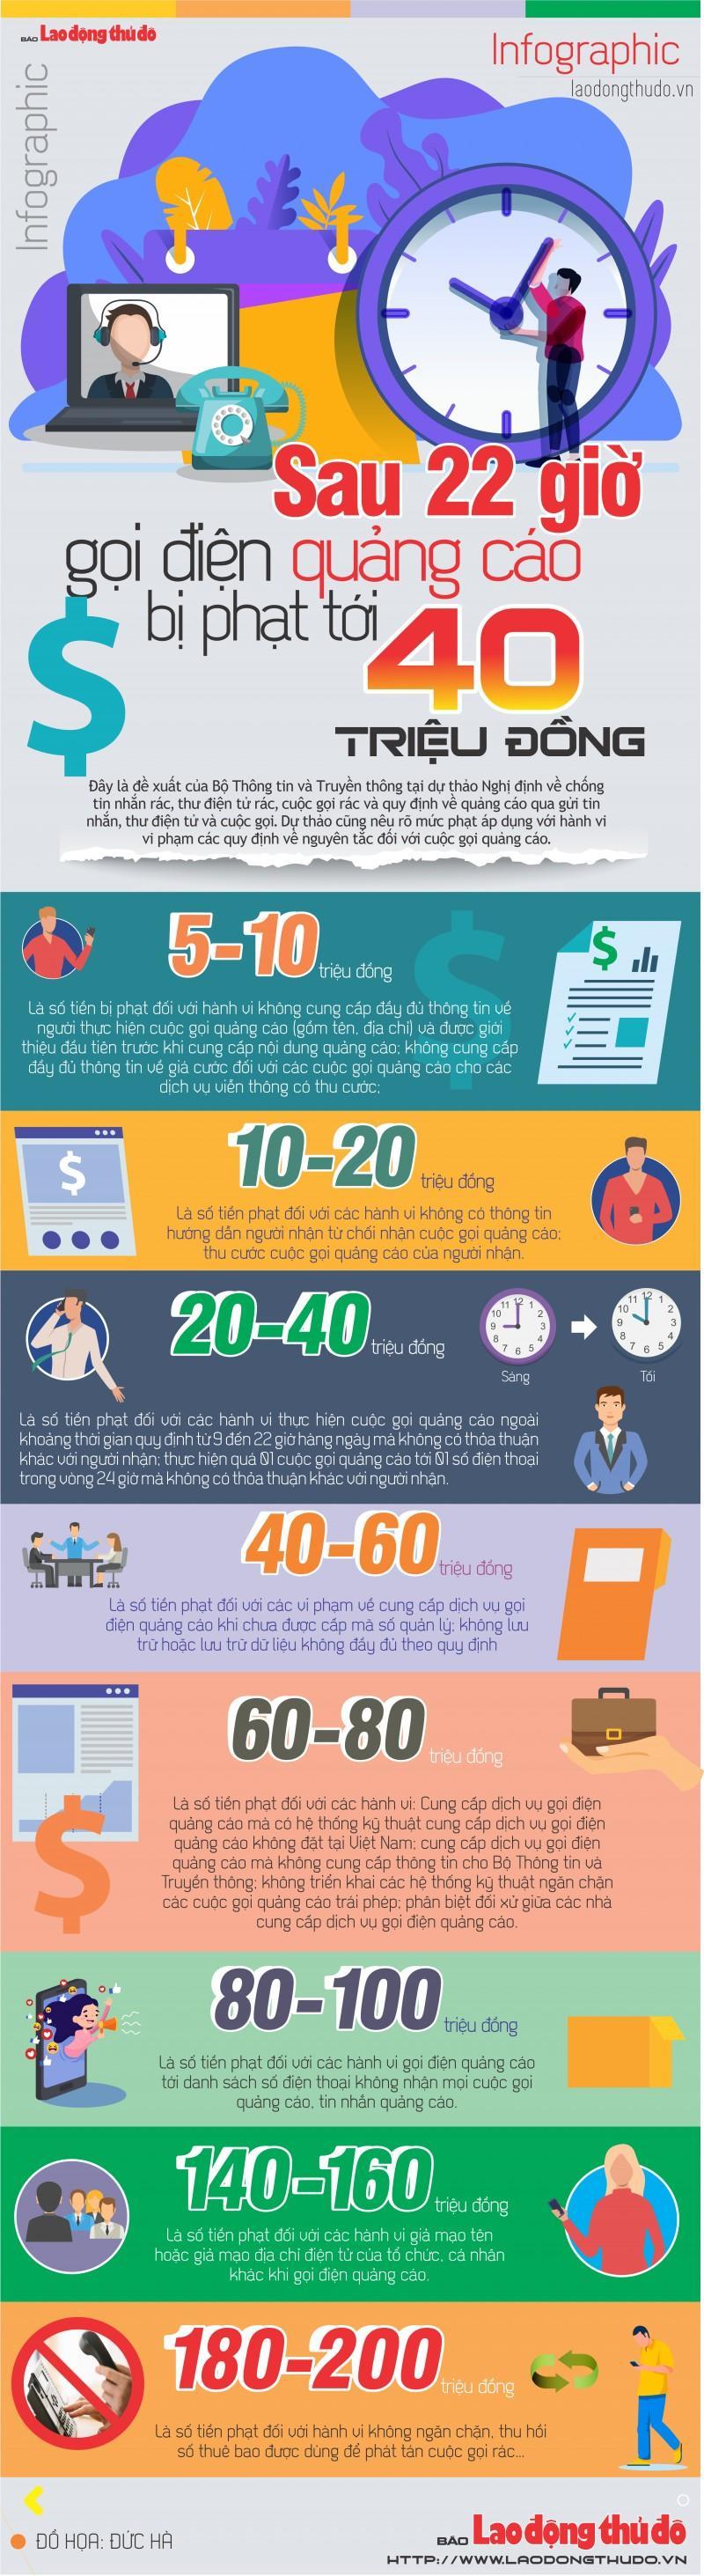 Infographic: Sau 22 giờ đêm gọi điện quảng cáo có thể bị phạt tới 40 triệu đồng Ảnh 1